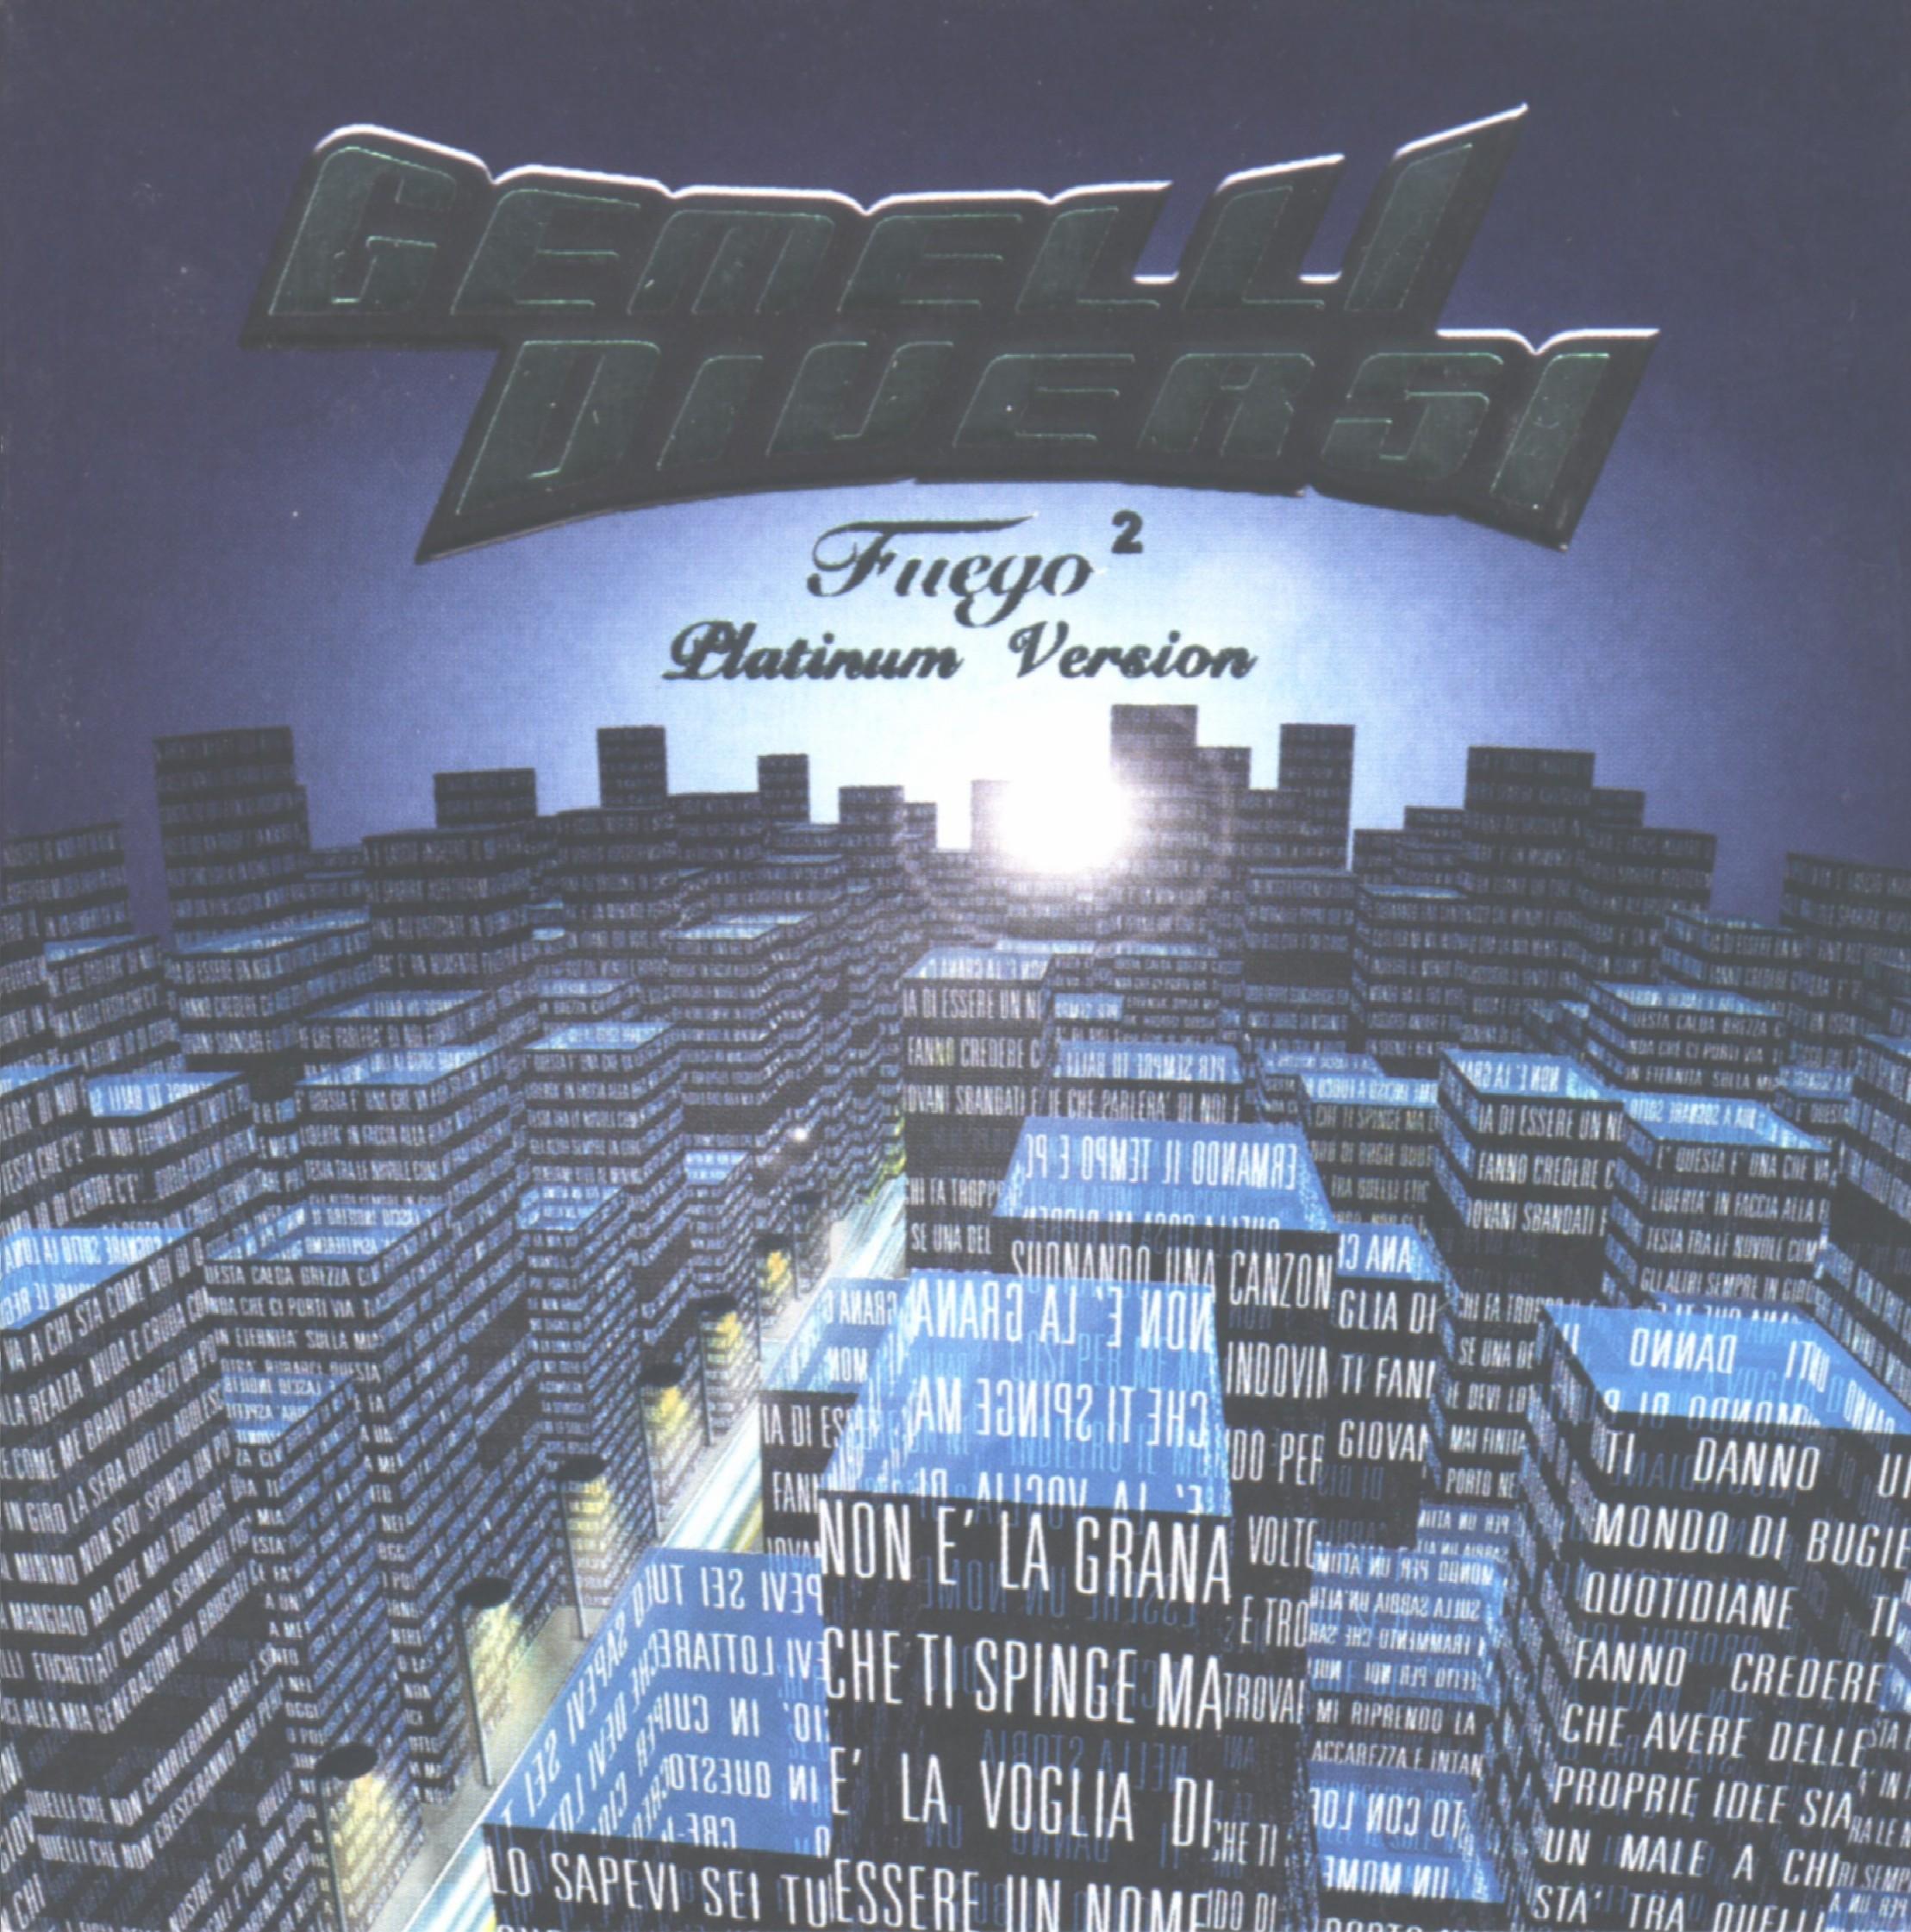 Gemelli diversi fuego 28 images gemelli diversi cd - Gemelli diversi fuego ...